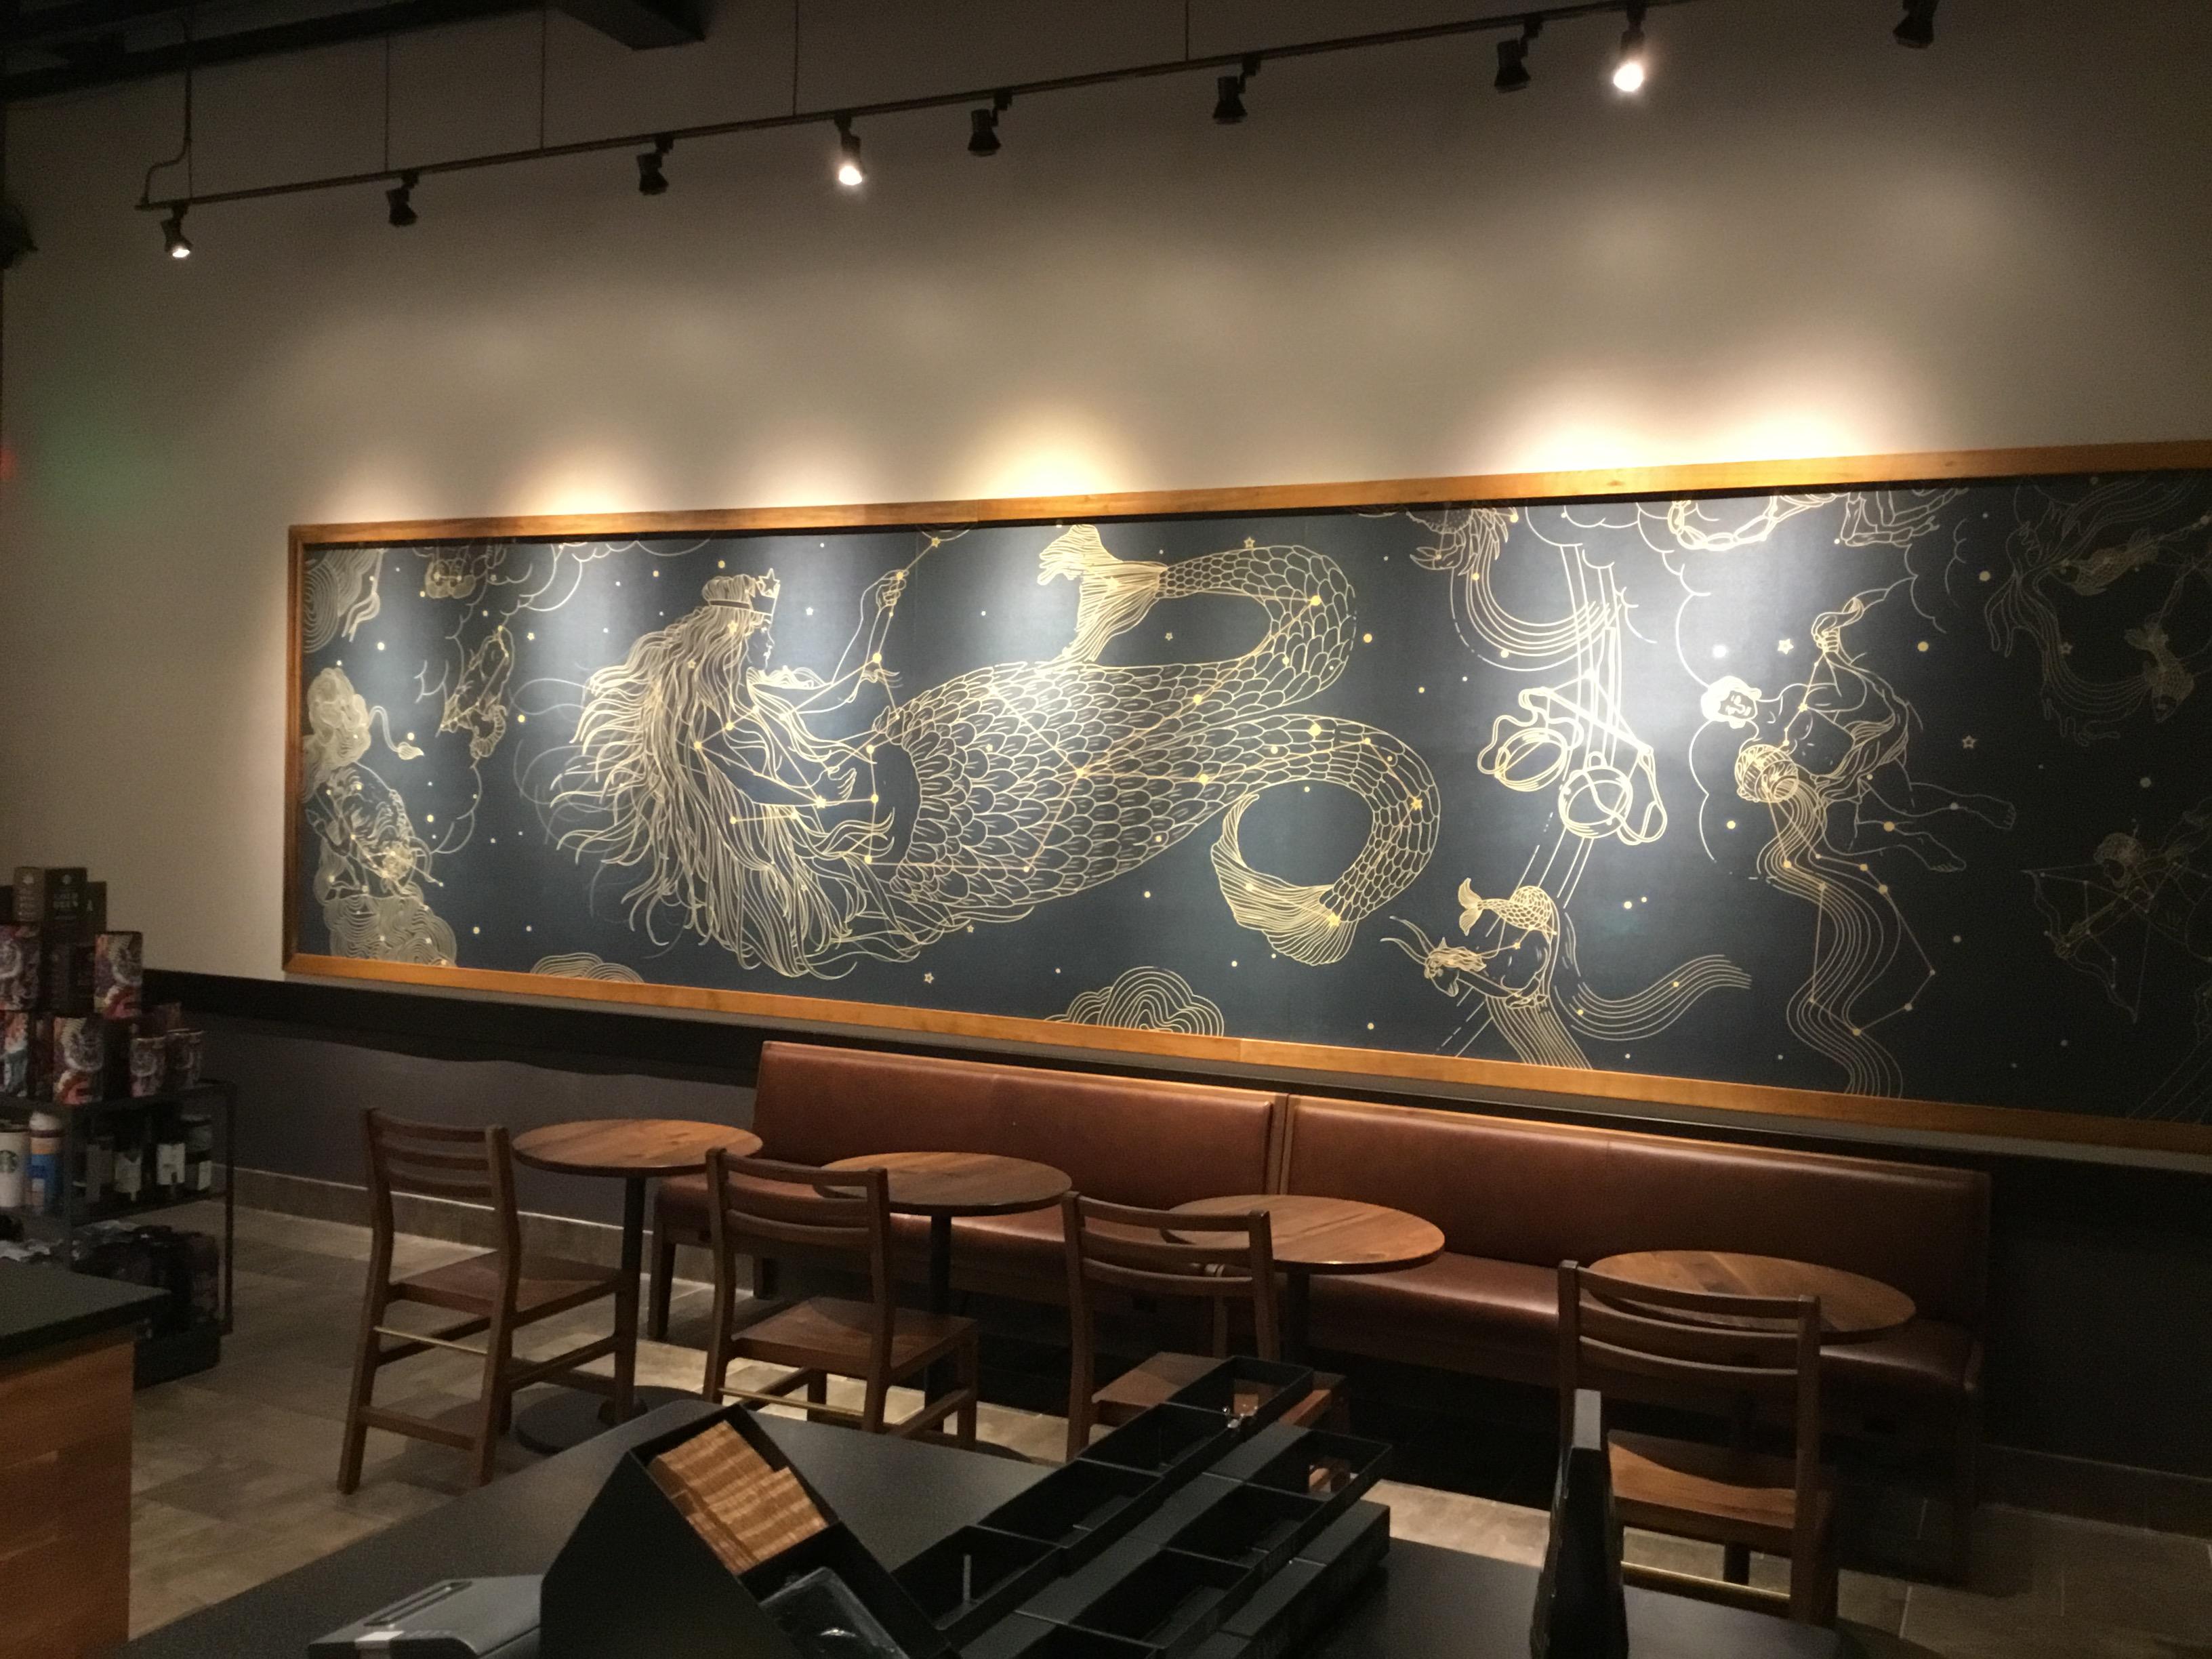 Starbucks_Mural